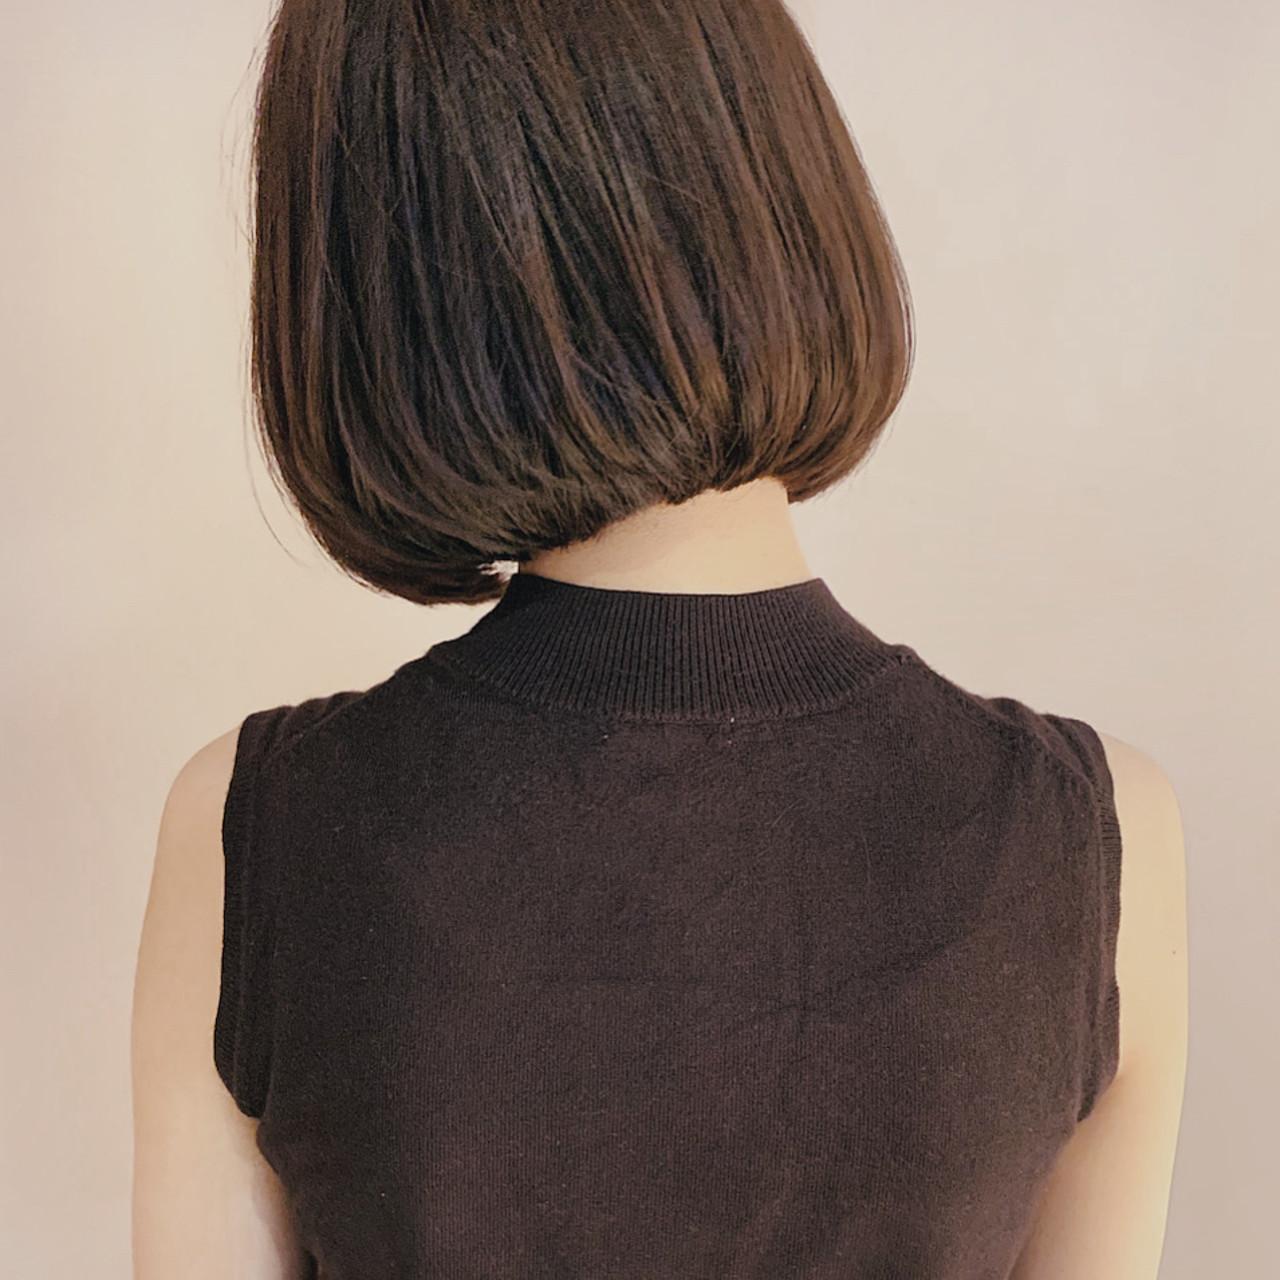 大人かわいい ナチュラル ボブ ミニボブヘアスタイルや髪型の写真・画像